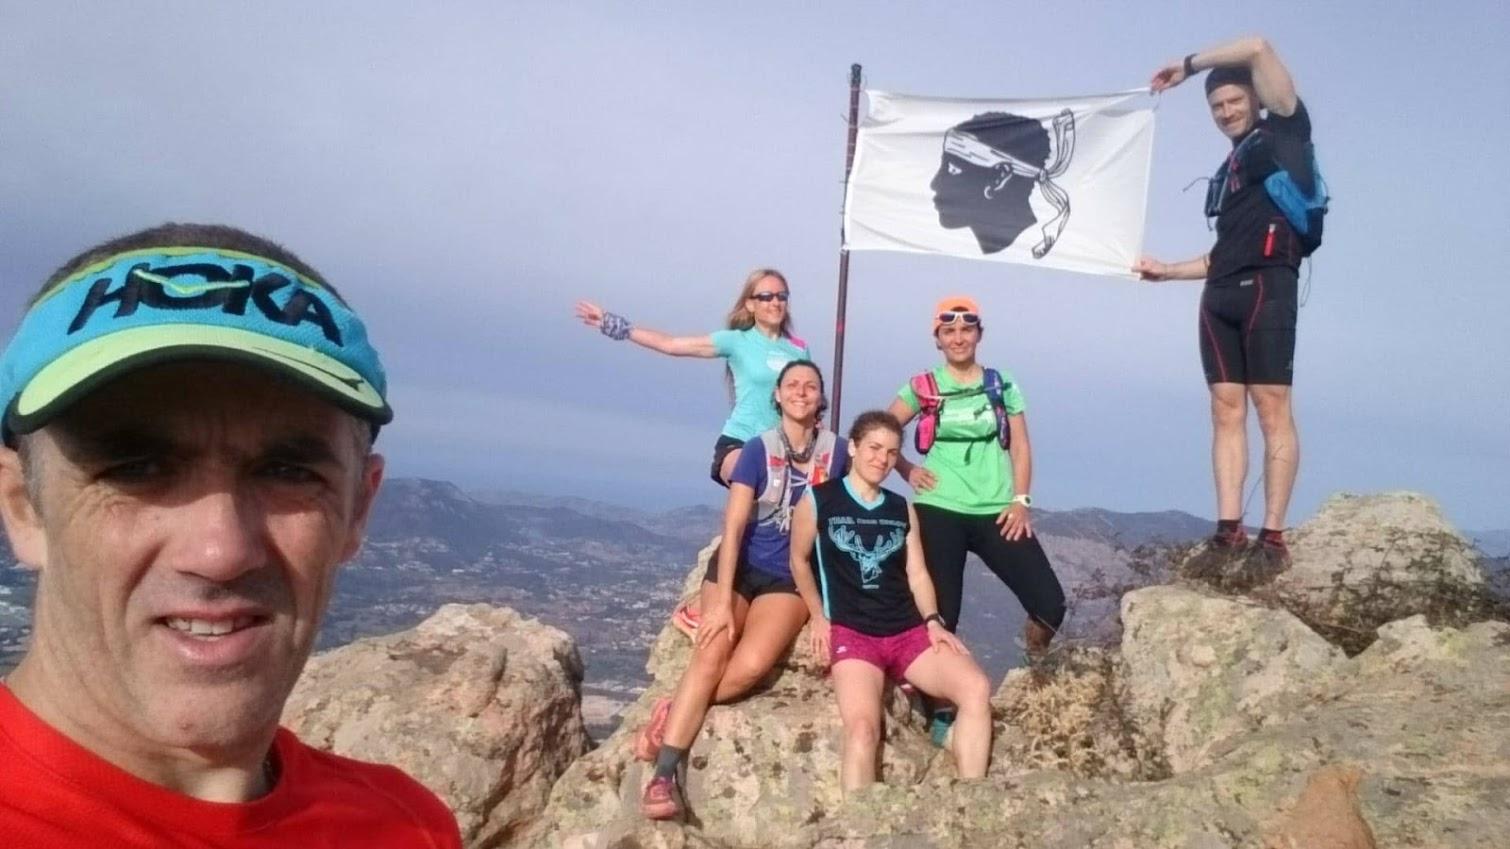 sejour-trail-corse-vibrez-montagne-2